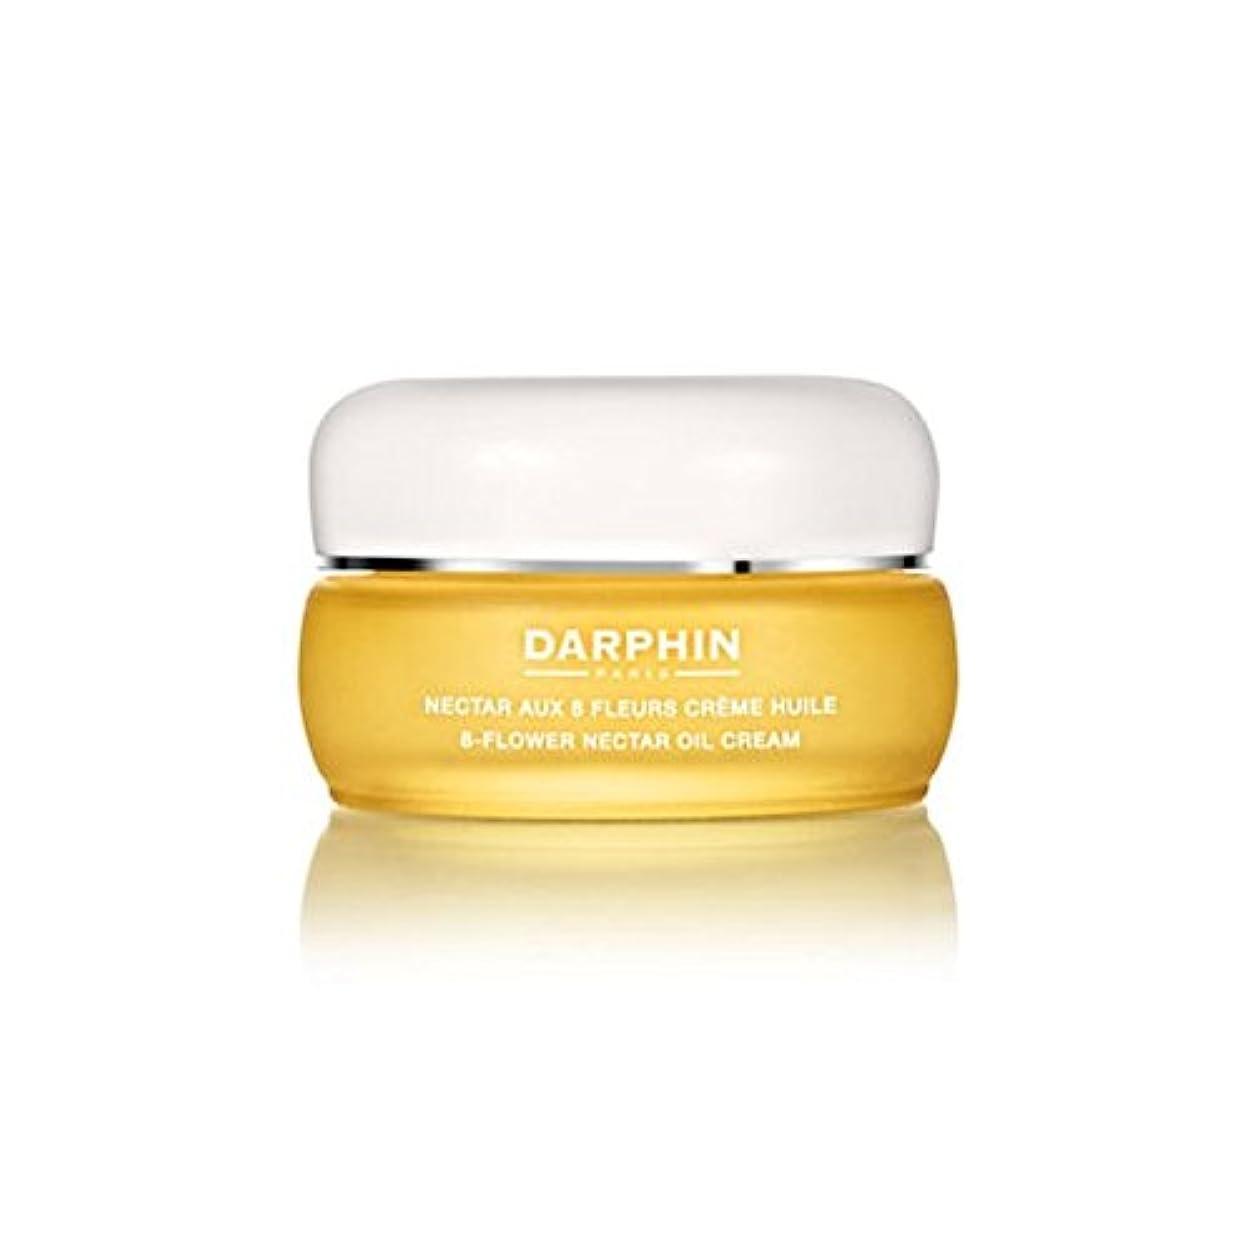 フォルダ誤バンドダルファン8フラワー油クリーム(30ミリリットル) x2 - Darphin 8-Flower Oil Cream (30ml) (Pack of 2) [並行輸入品]